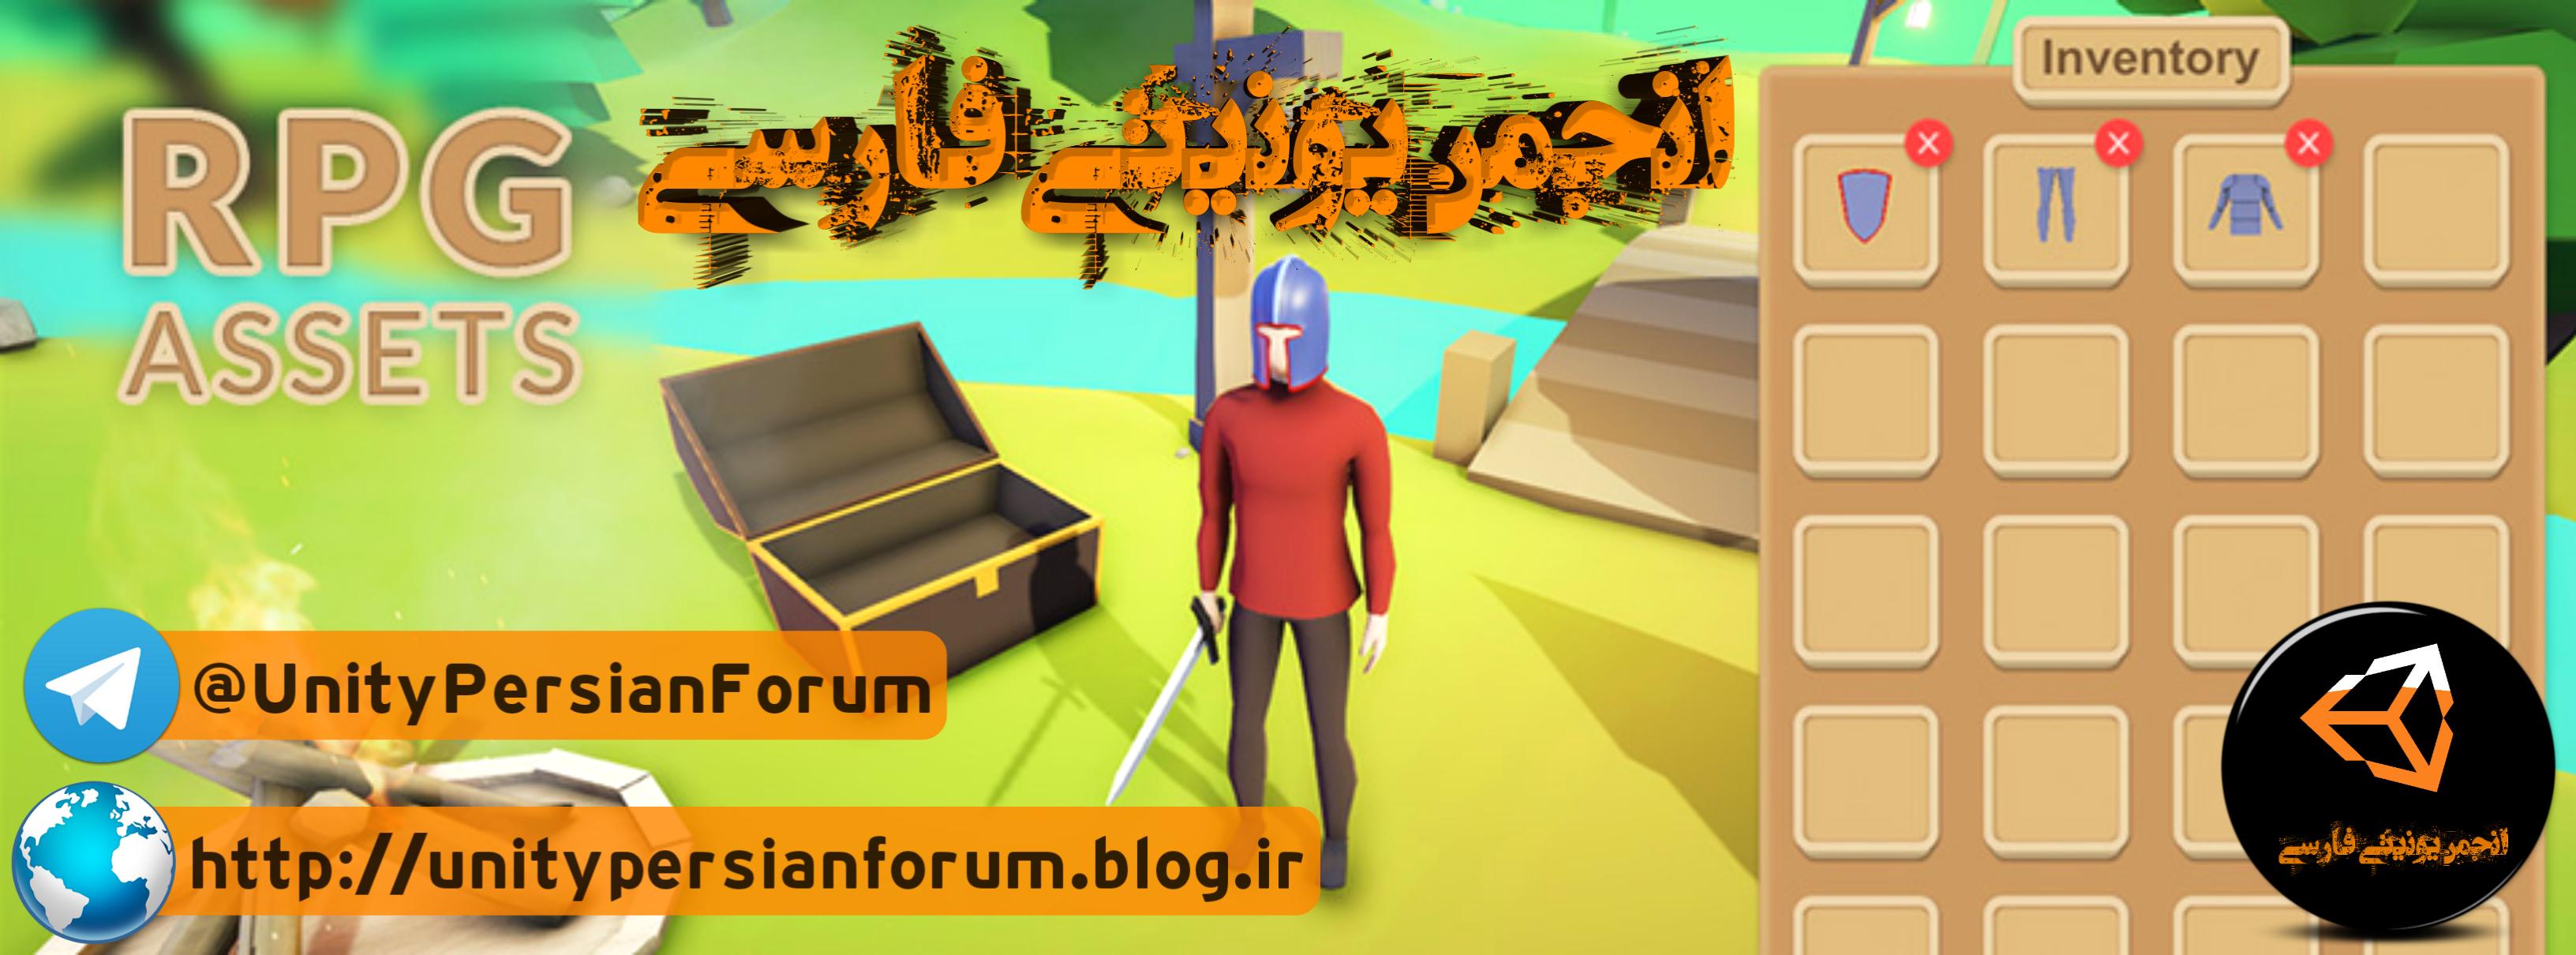 آموزش ساخت بازی به سبک RPG در یونیتی (نفش آفرینی) :: انجمن یونیتی فارسی